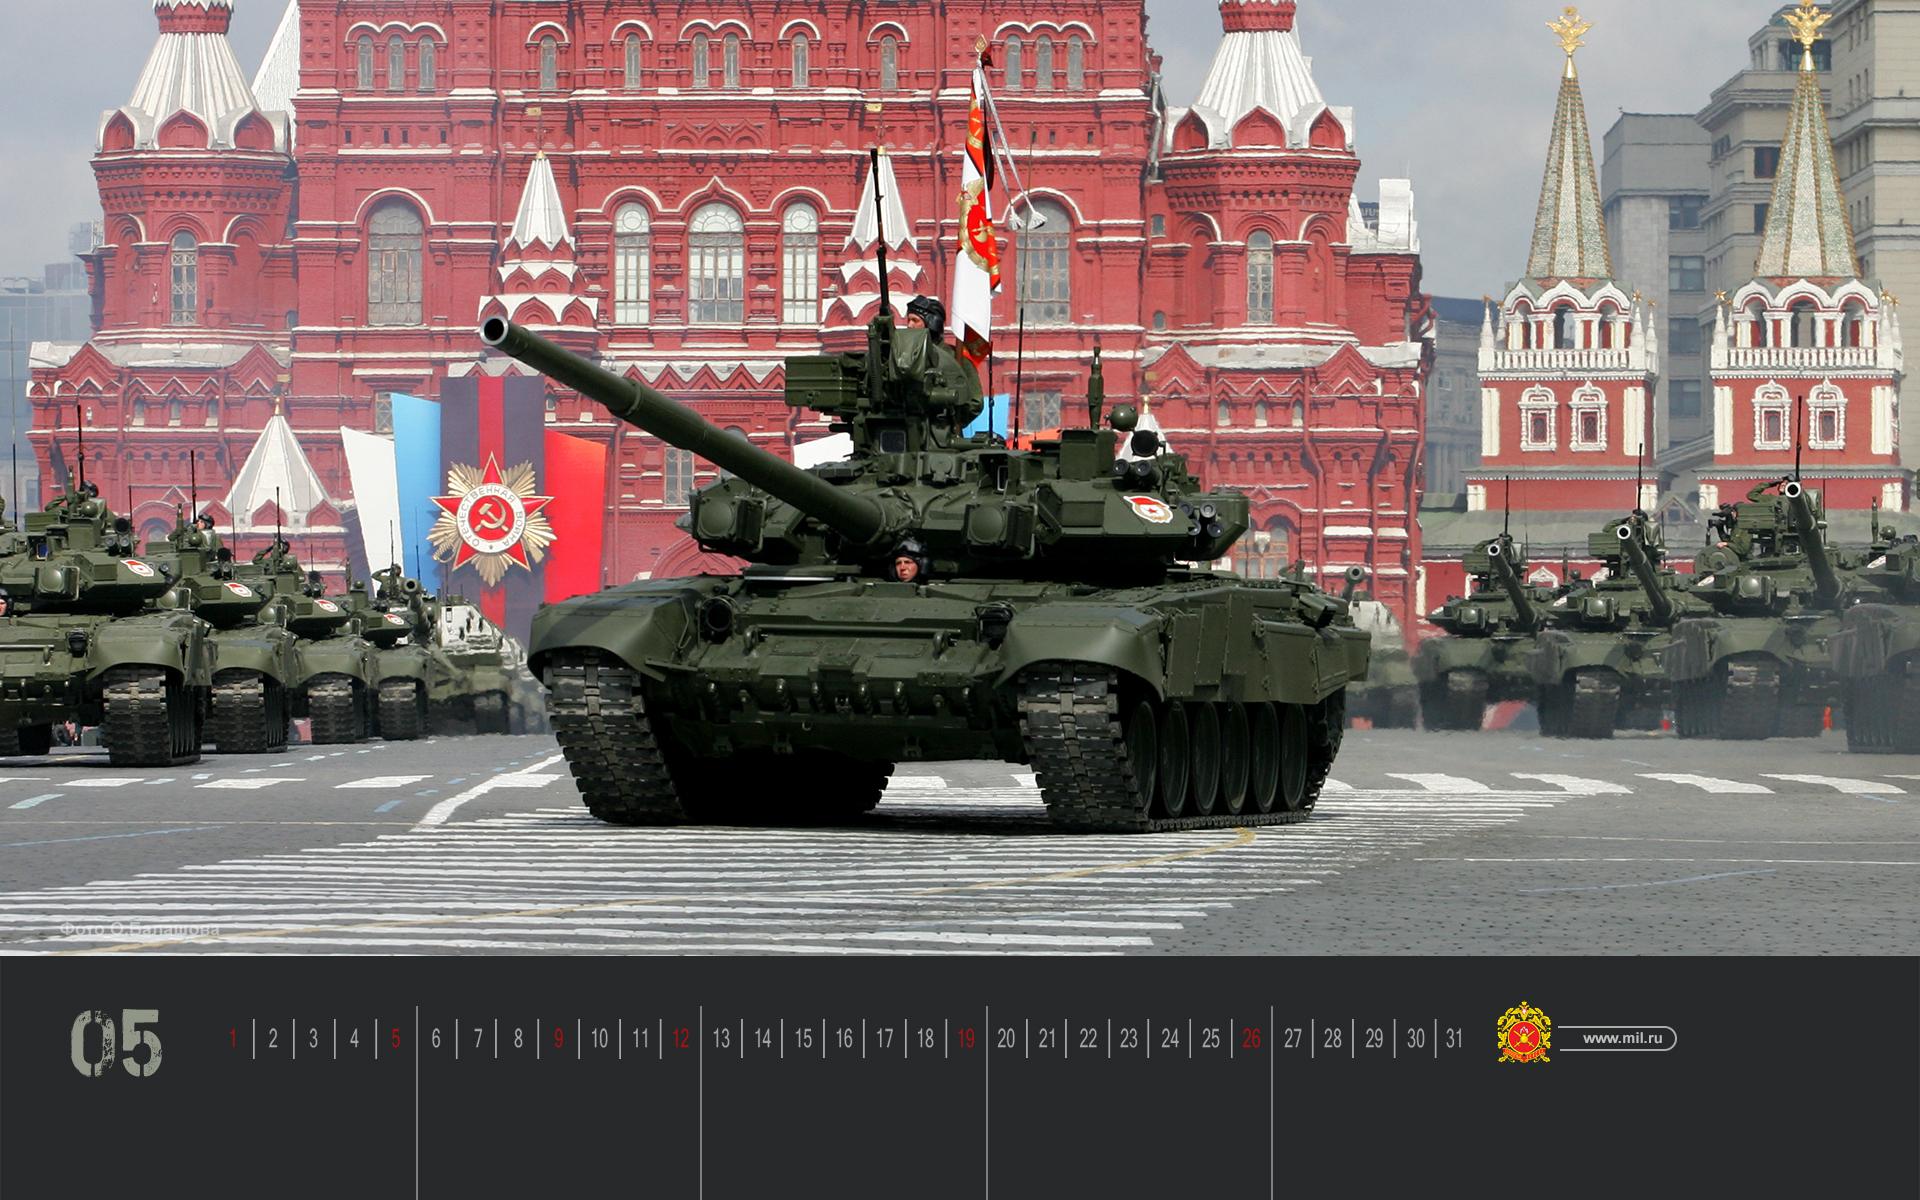 El nuevo ejército ruso... - Página 2 0_86dd1_1378d614_orig